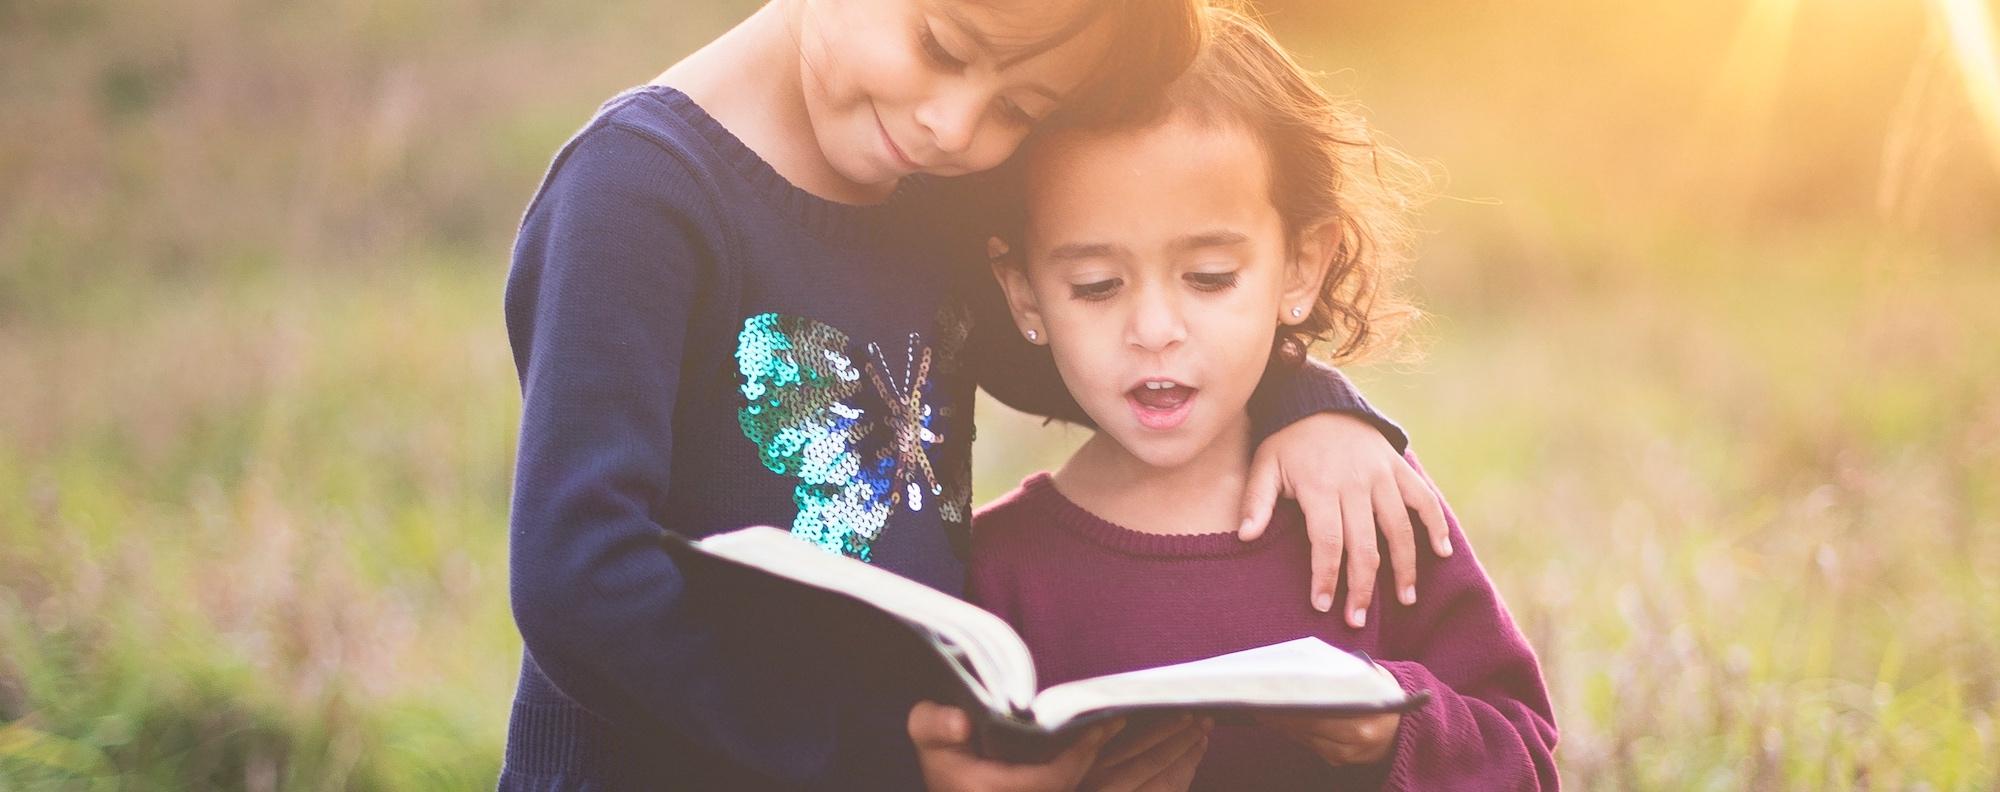 girls reading bible